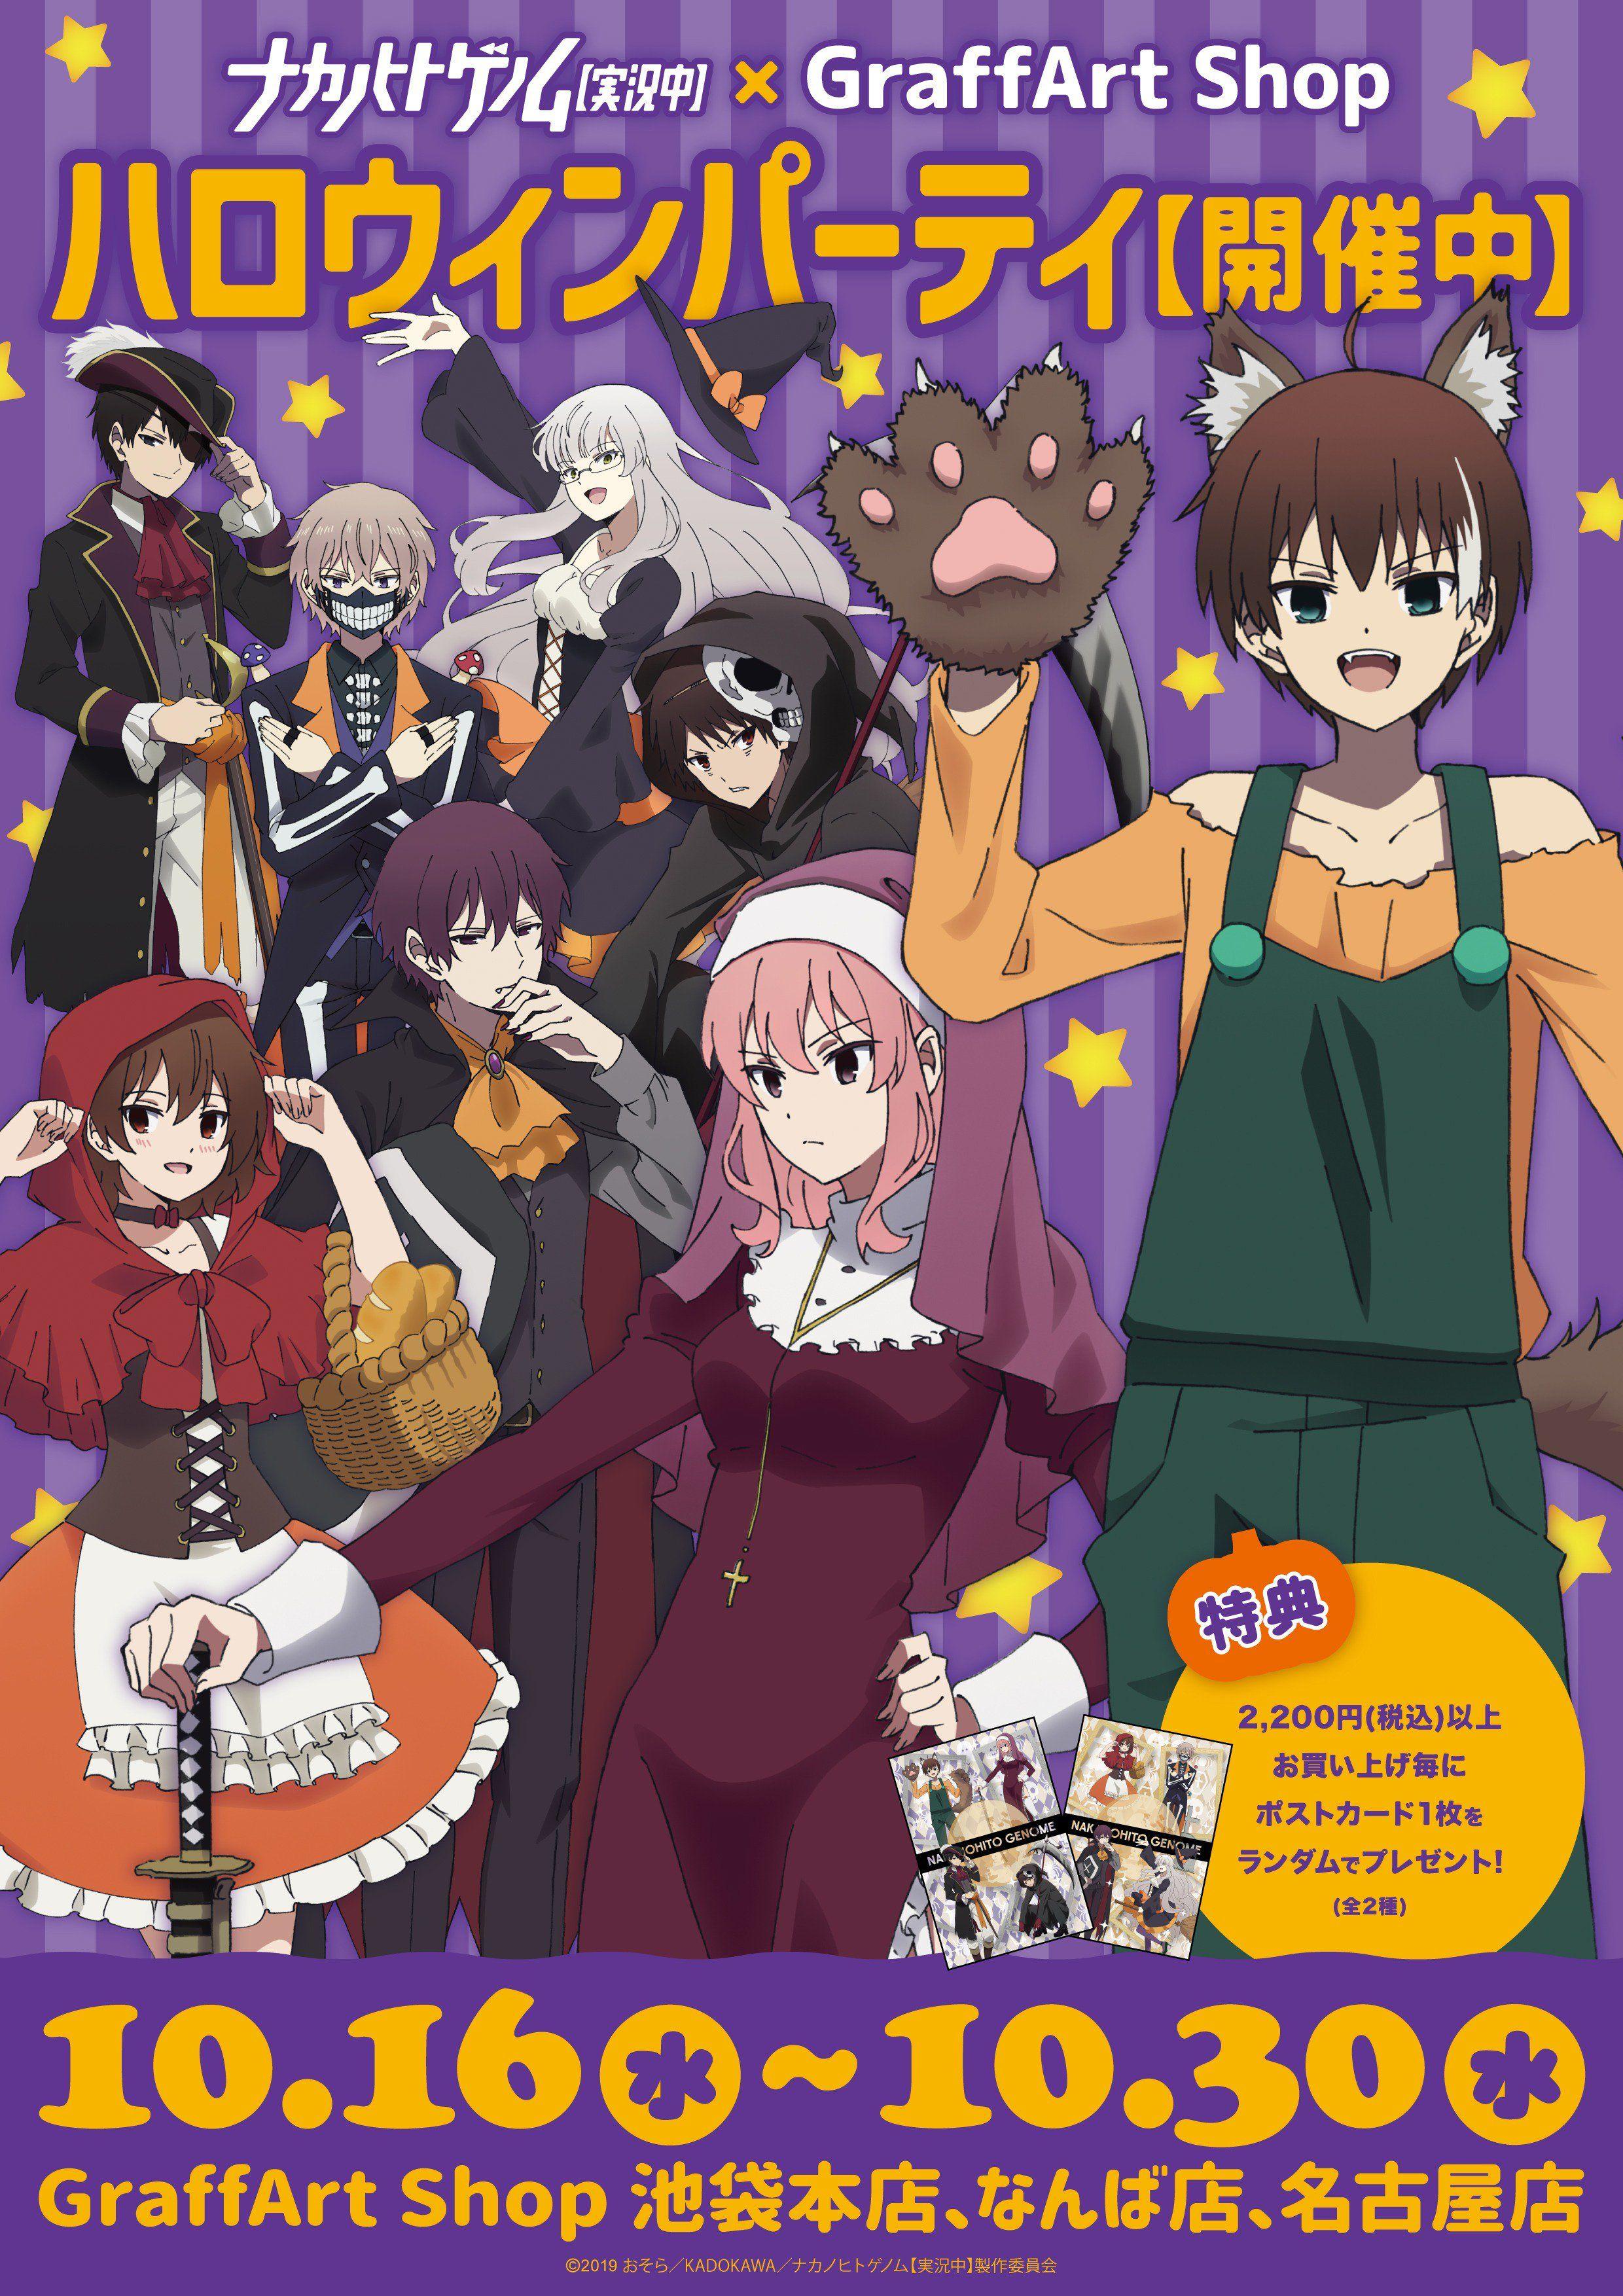 Pin By Danytuong Nguyen On Naka No Hito Genome Anime Manga The